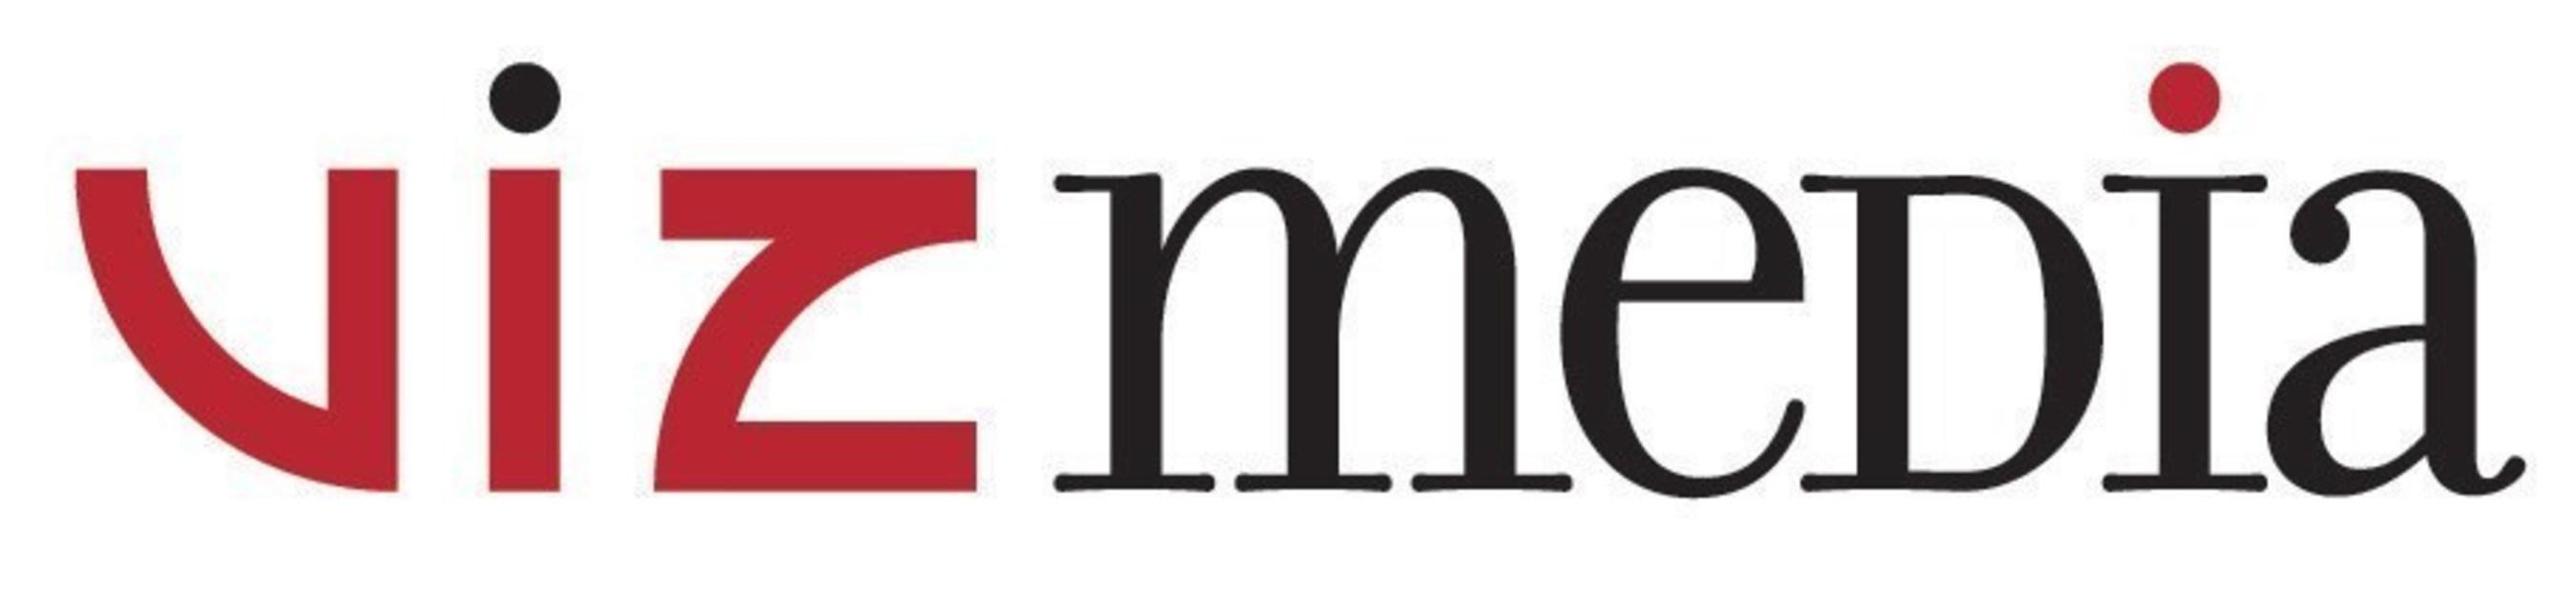 VIZ Media, LLC